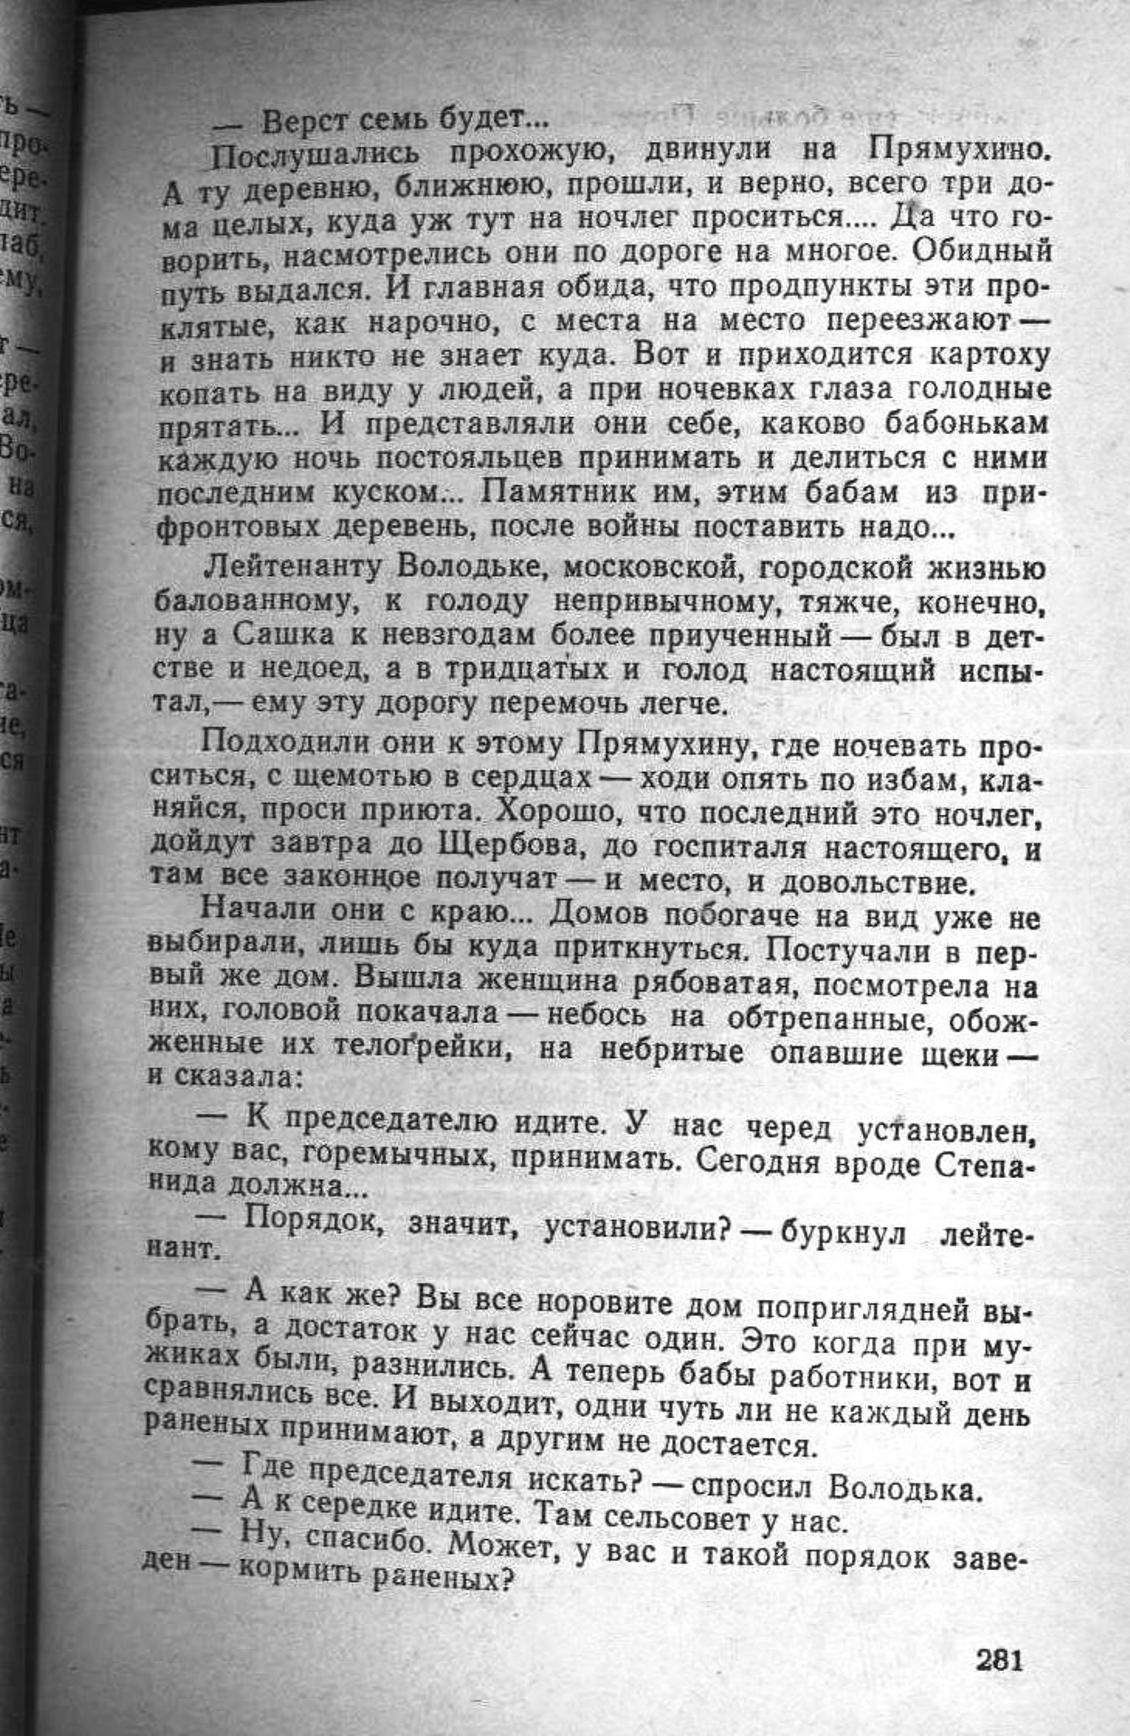 Сашка. Повесть. Вячеслав Кондратьев. 016. 002